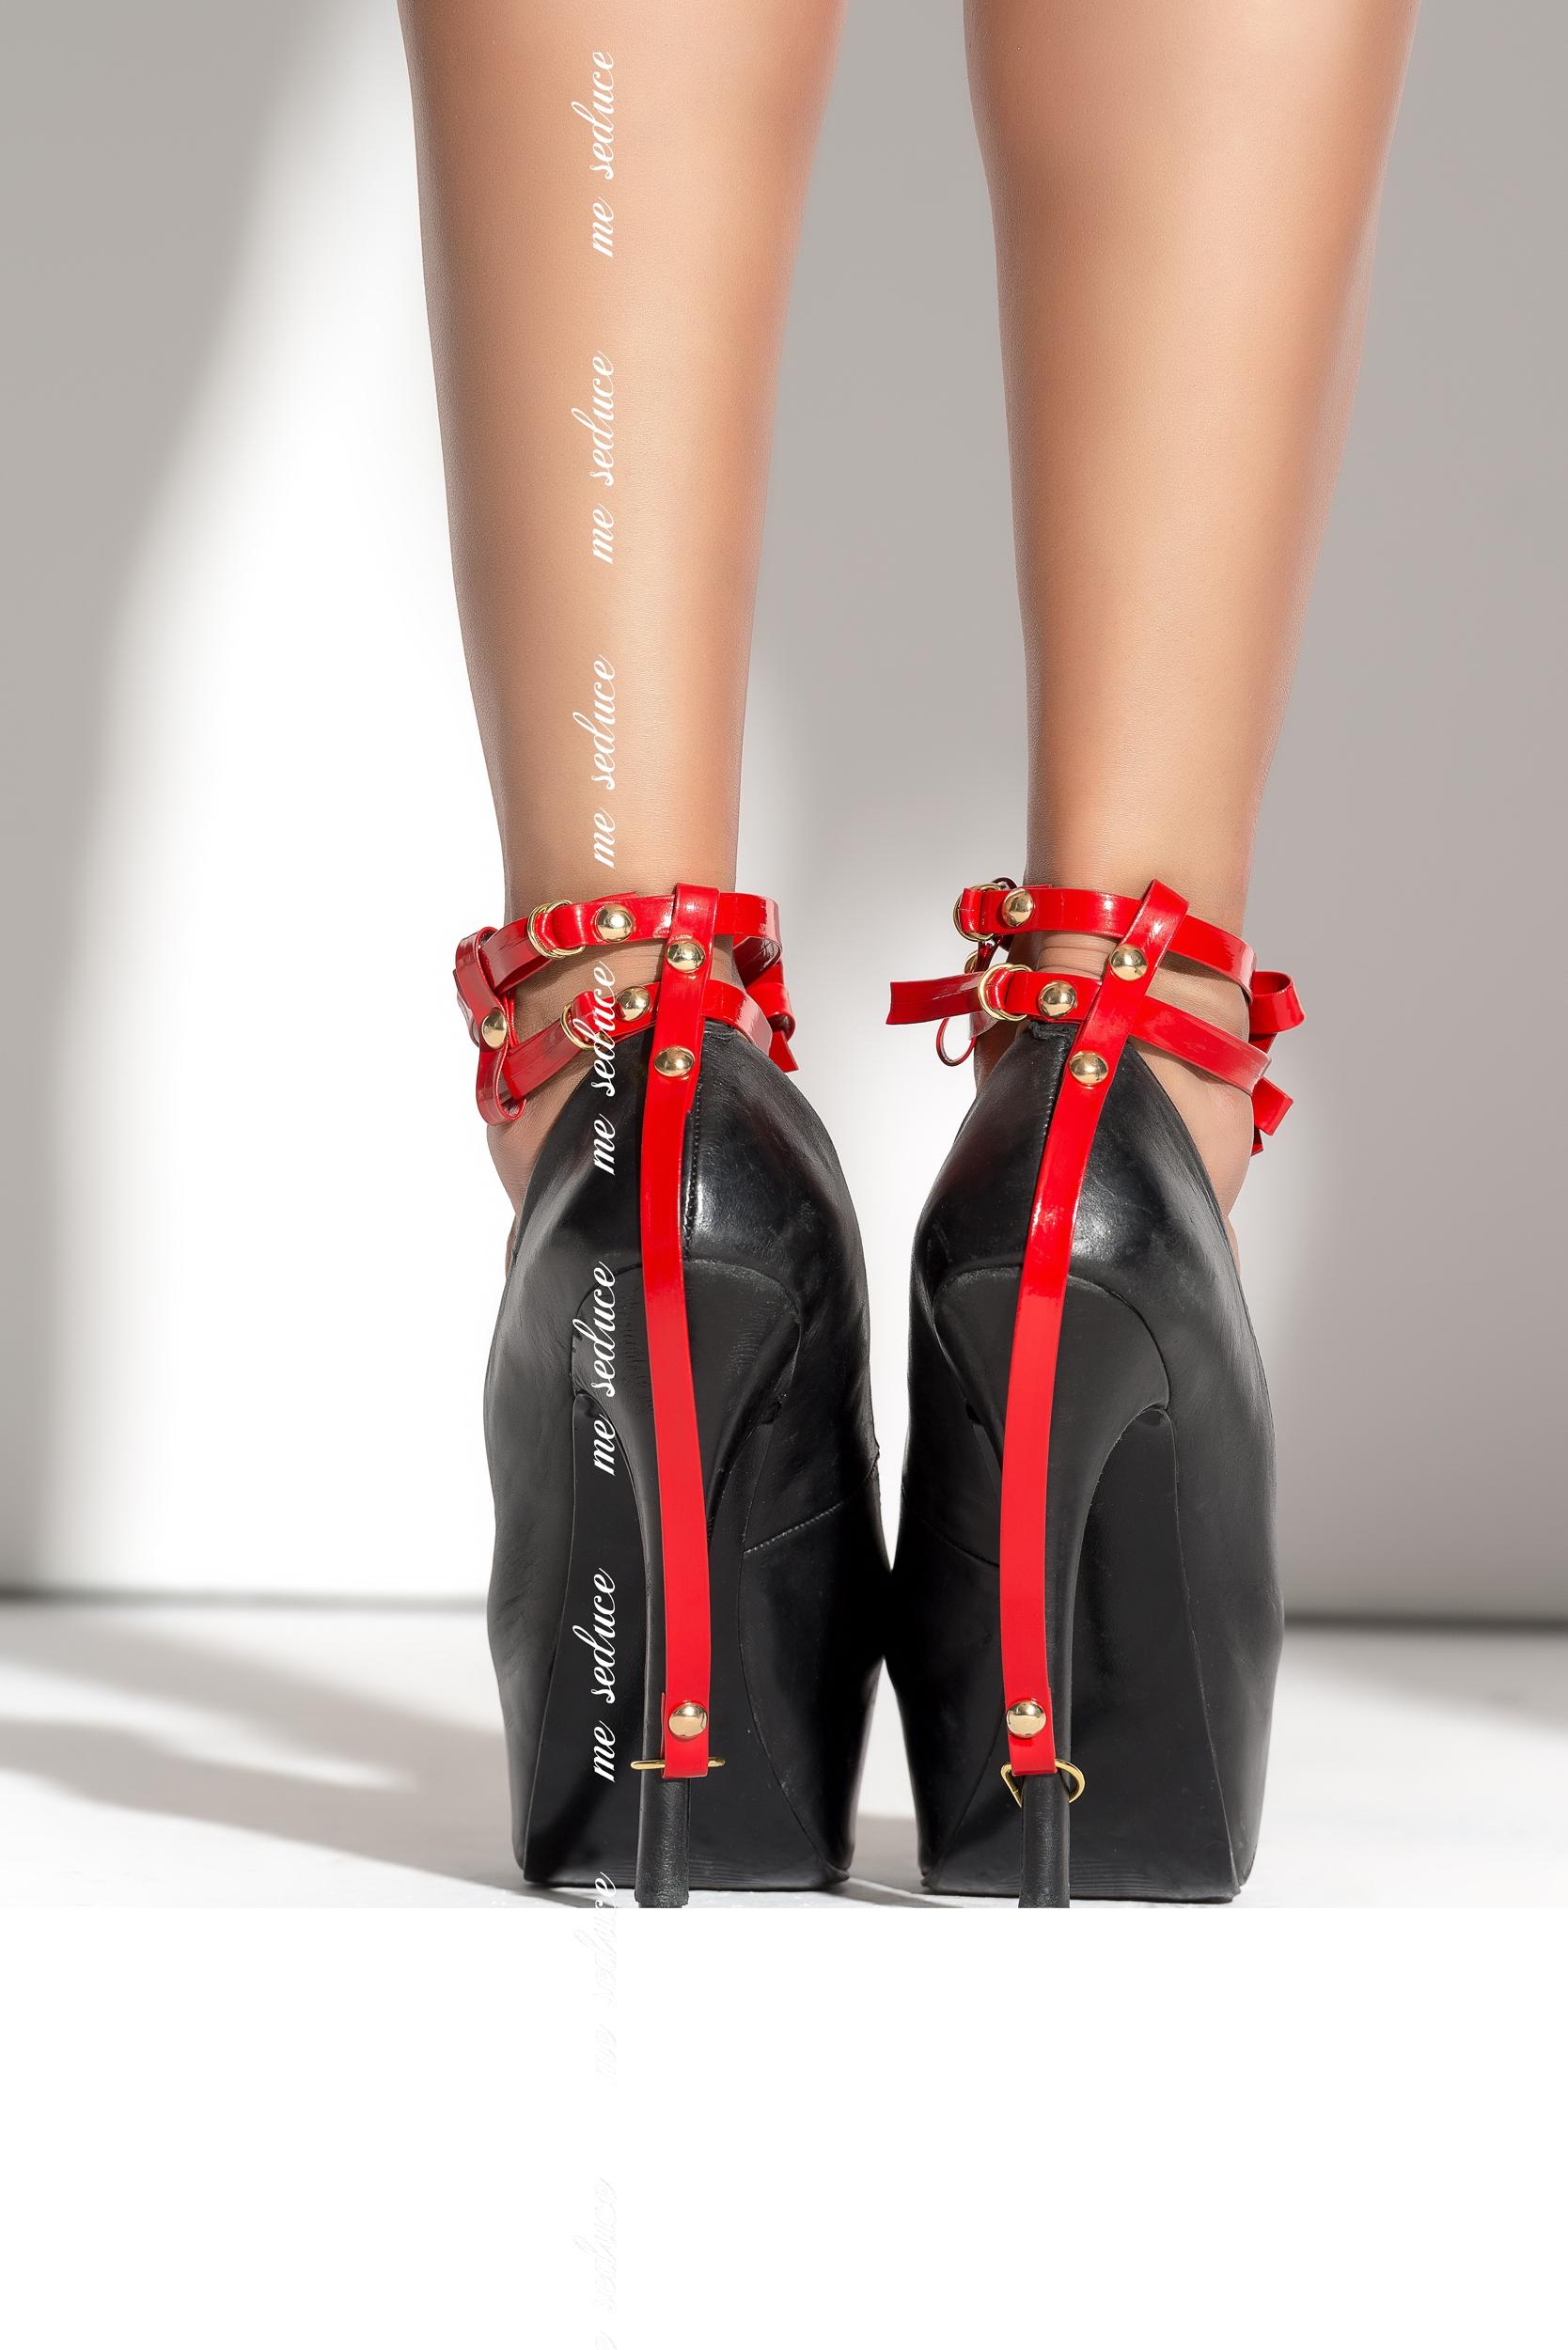 Korko kengät anaali seksiä